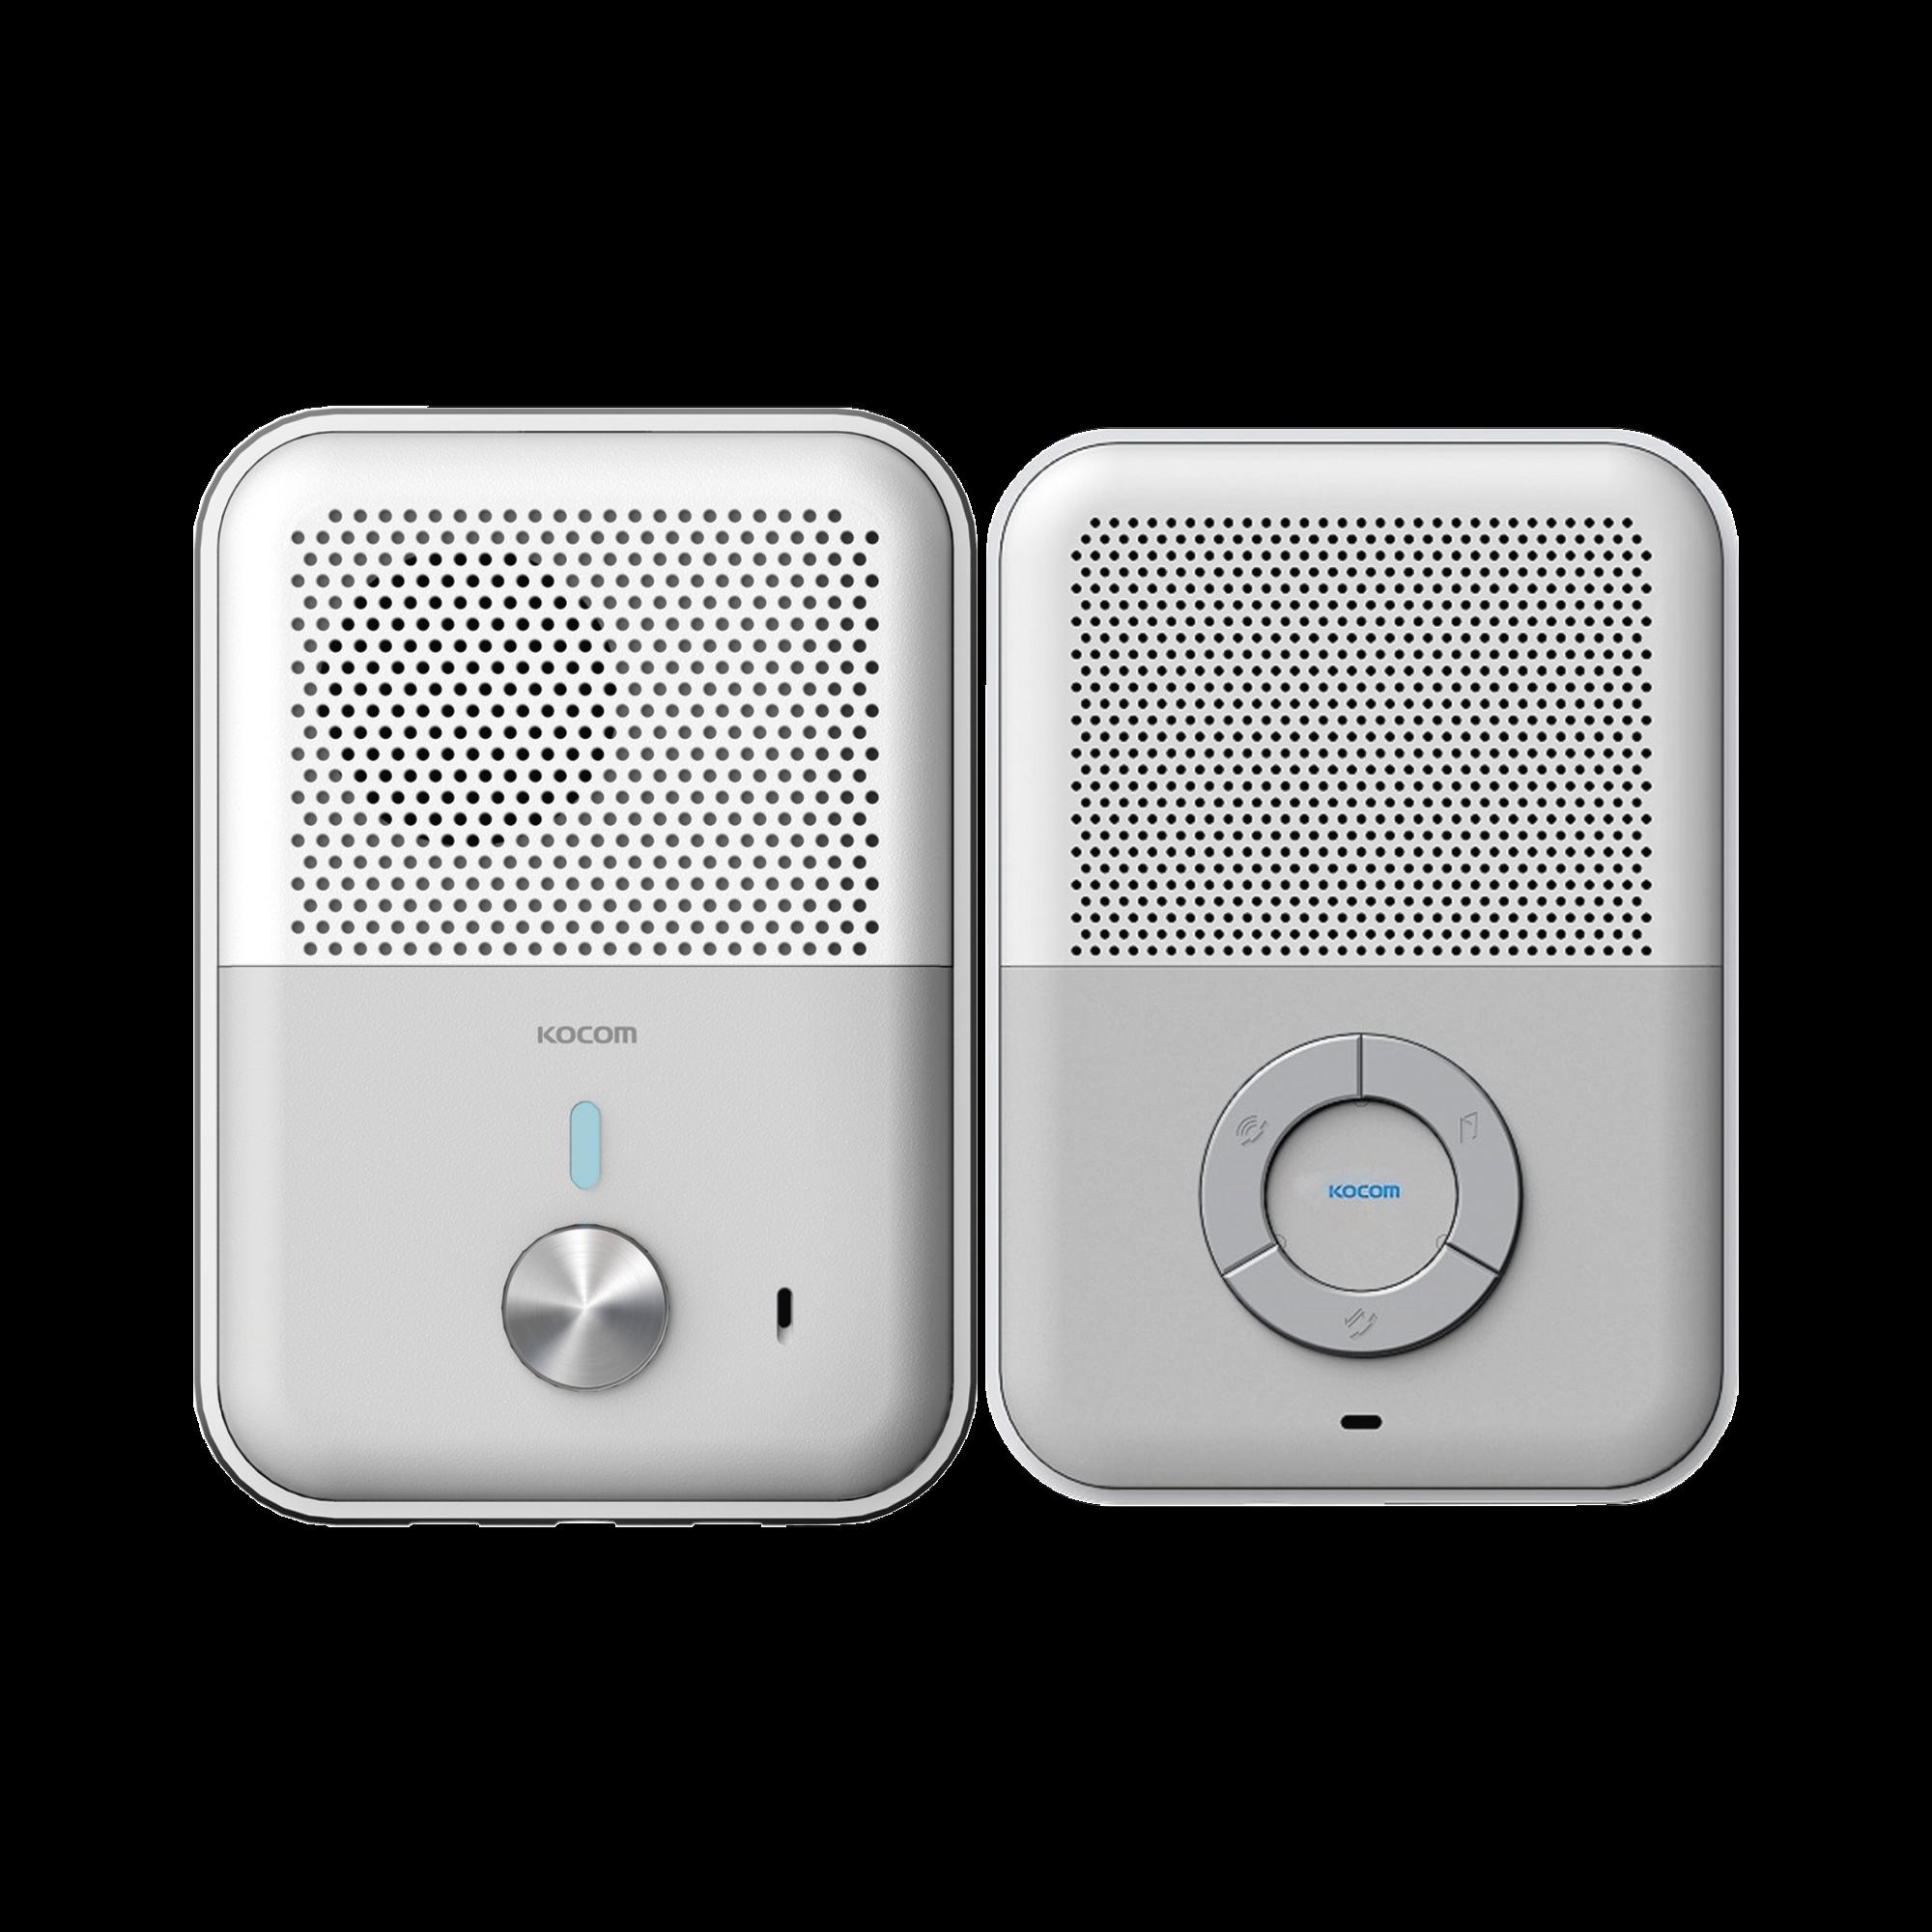 Kit de Audio Portero con Auricular Manos Libres y Frente de Calle Nuevo Diseño